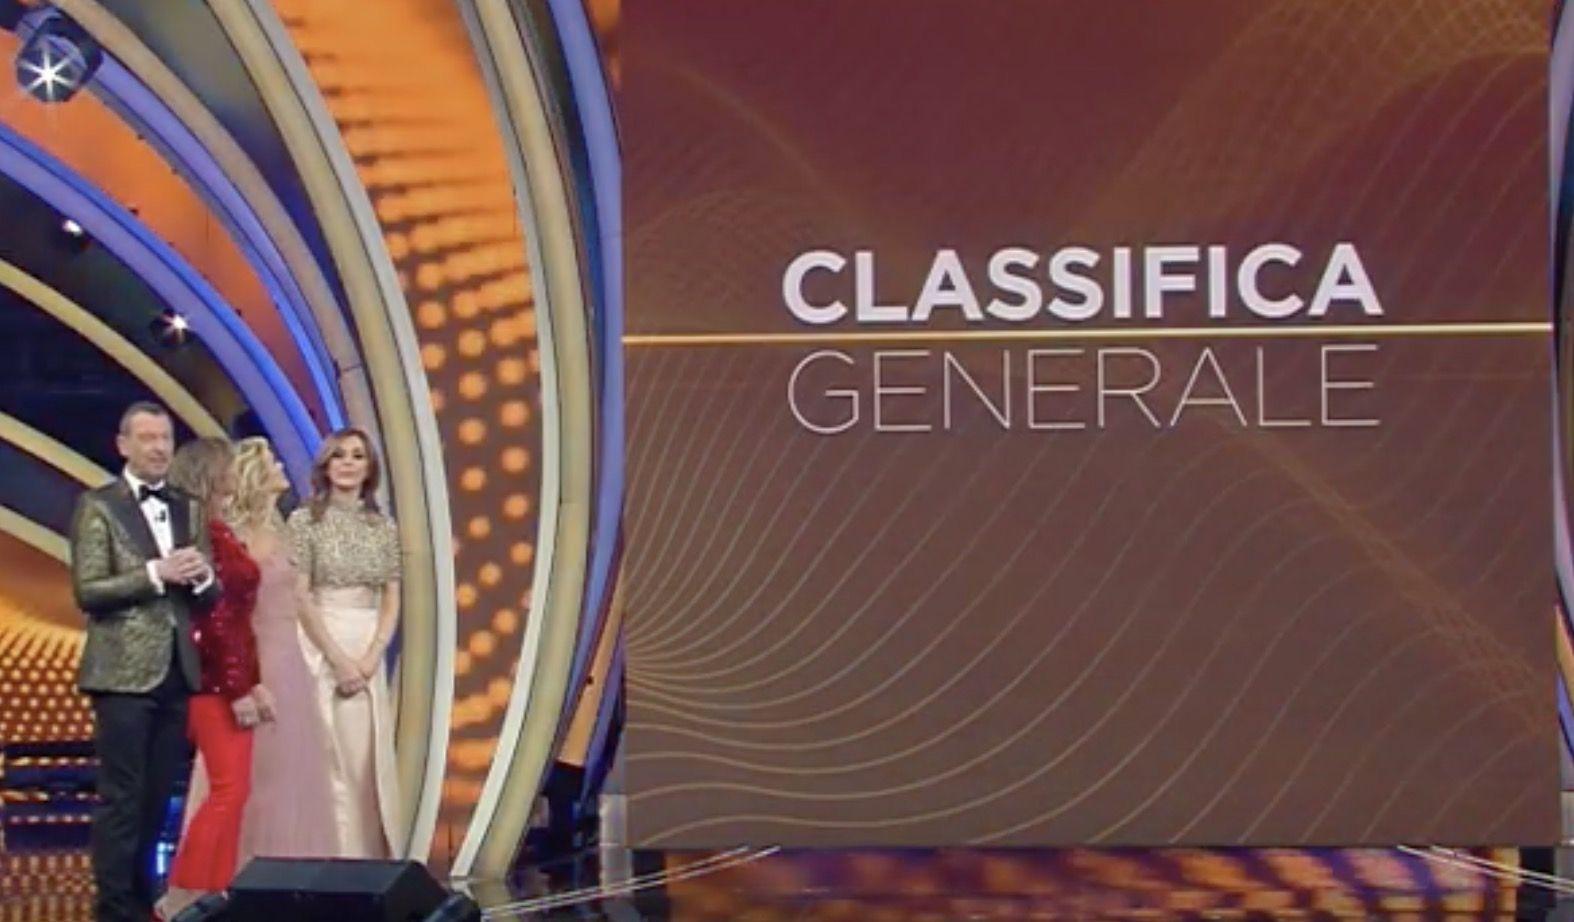 Francesco Gabbani in testa a Sanremo 2020: la classifica completa dei 24 big